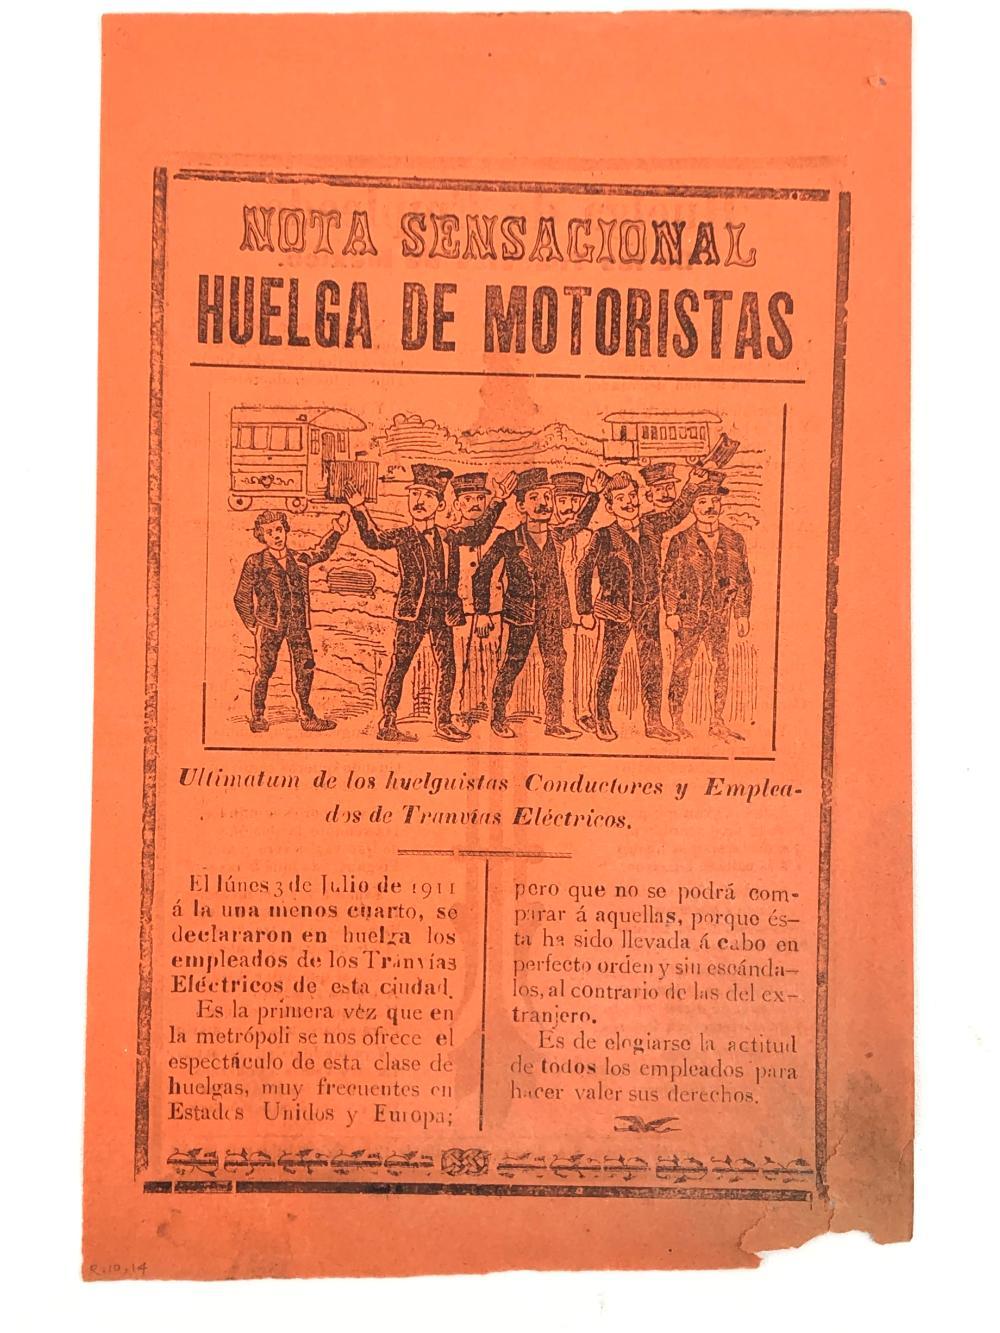 """JOSE GUADALUPE POSADA """"HUELGA DE EMPLEADOS DE LOS TRANVIAS DE MEXICO"""" METALCUT ON PINK NEWSPRINT"""